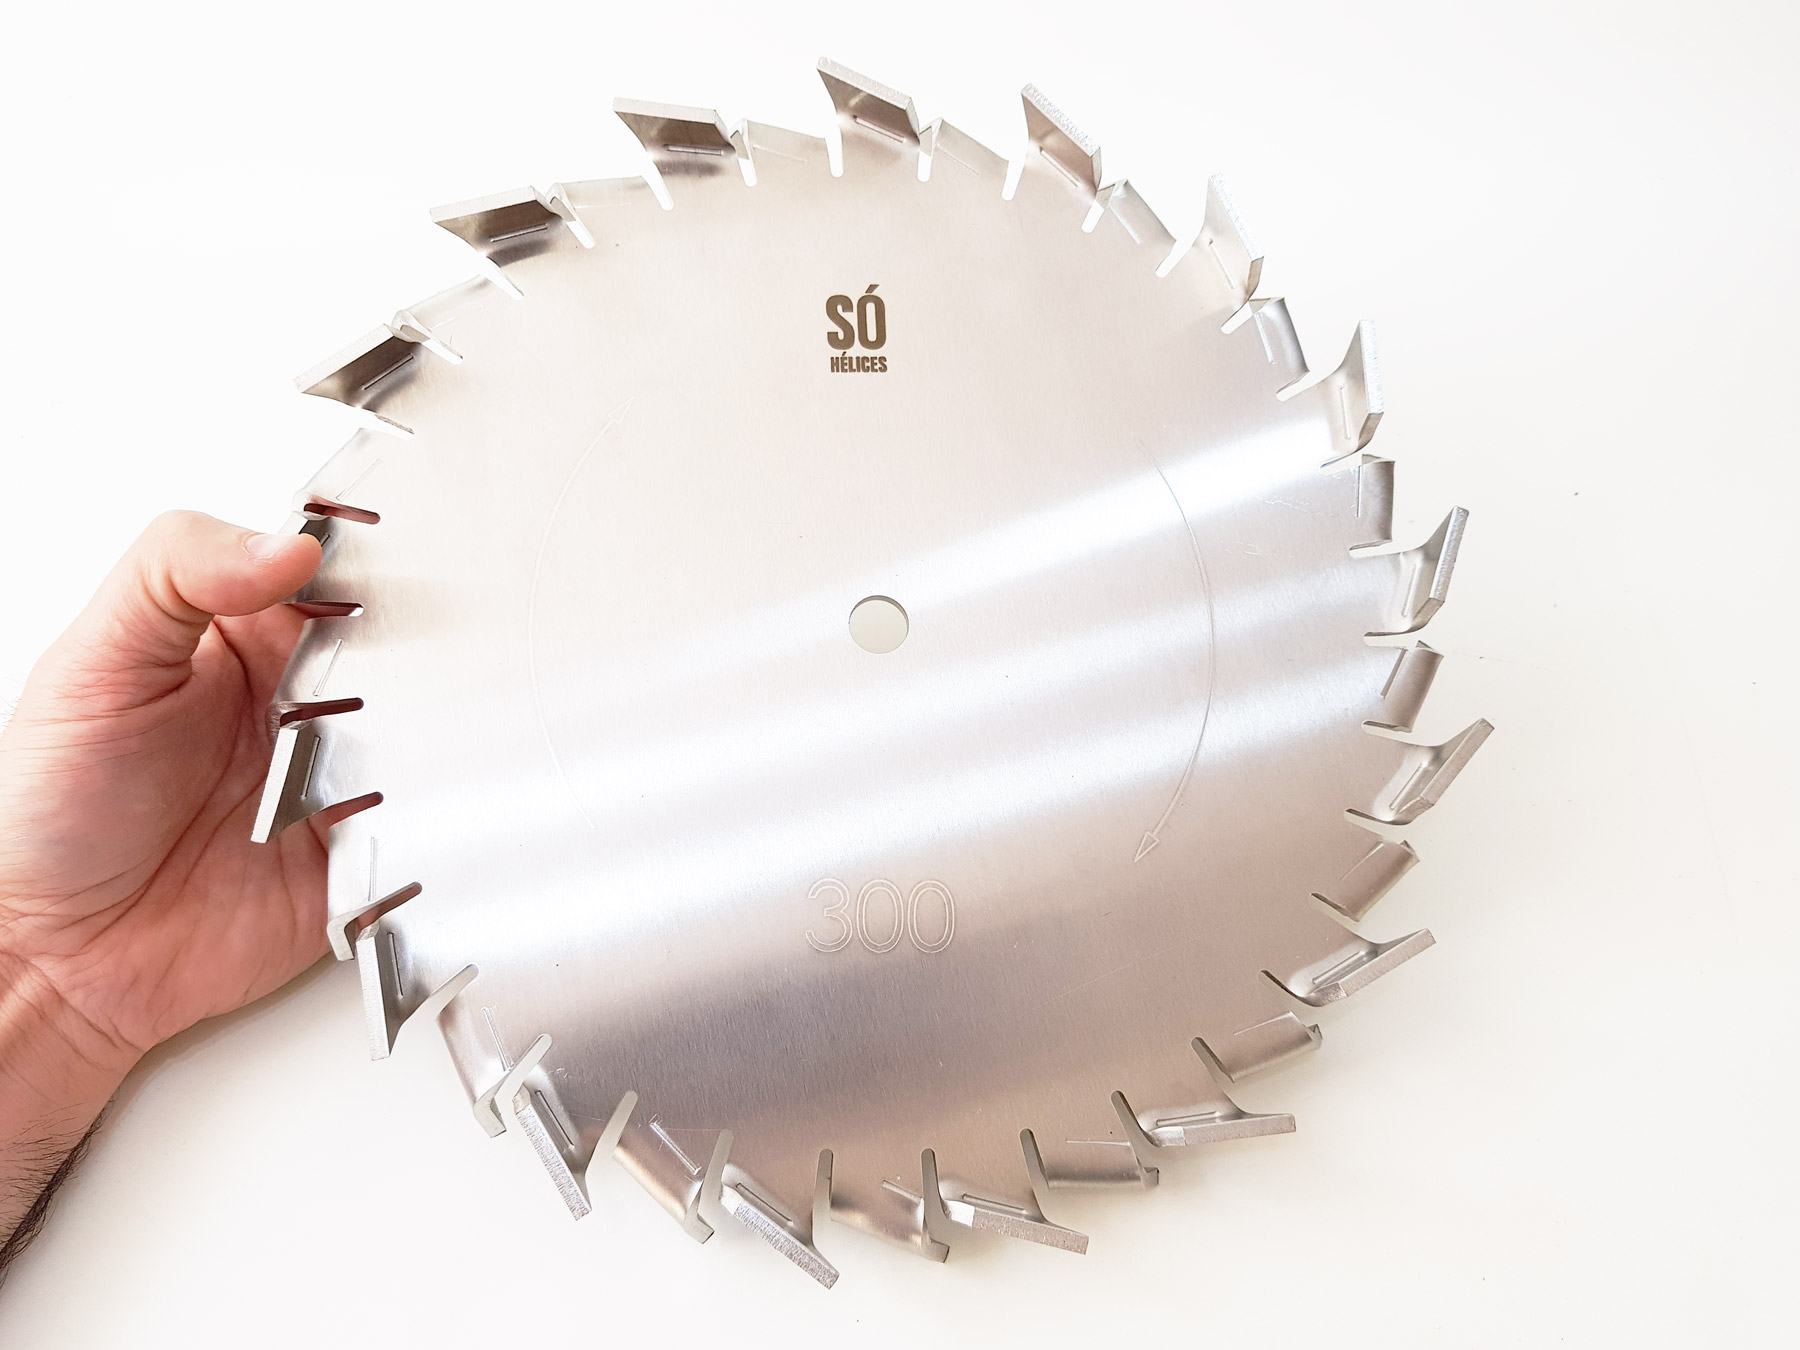 Disco dispersor com tecnologia híbrida para misturar